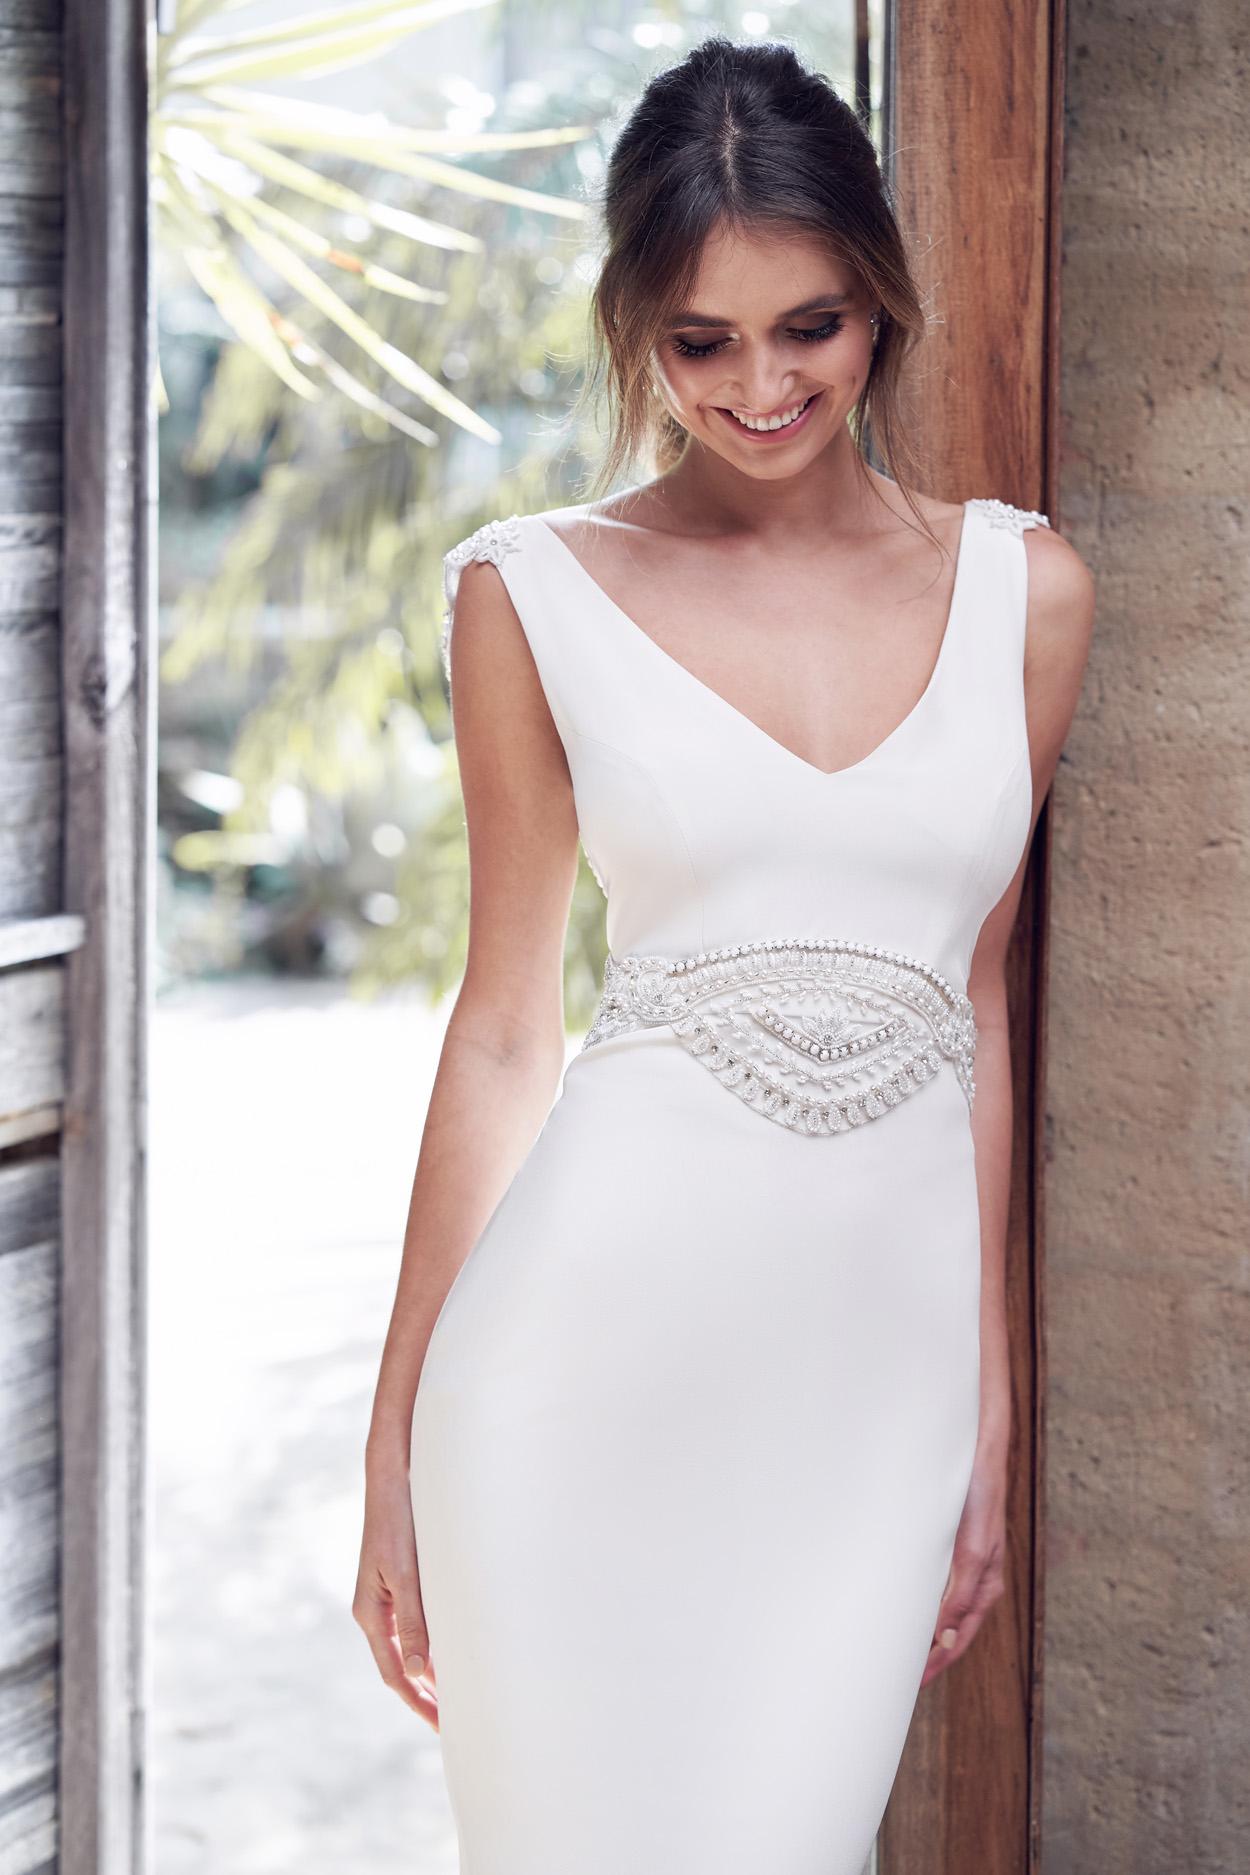 Blake Dress_wanderlust_anna_campbell_wedding_Dress_inspire_Weddings.jpg